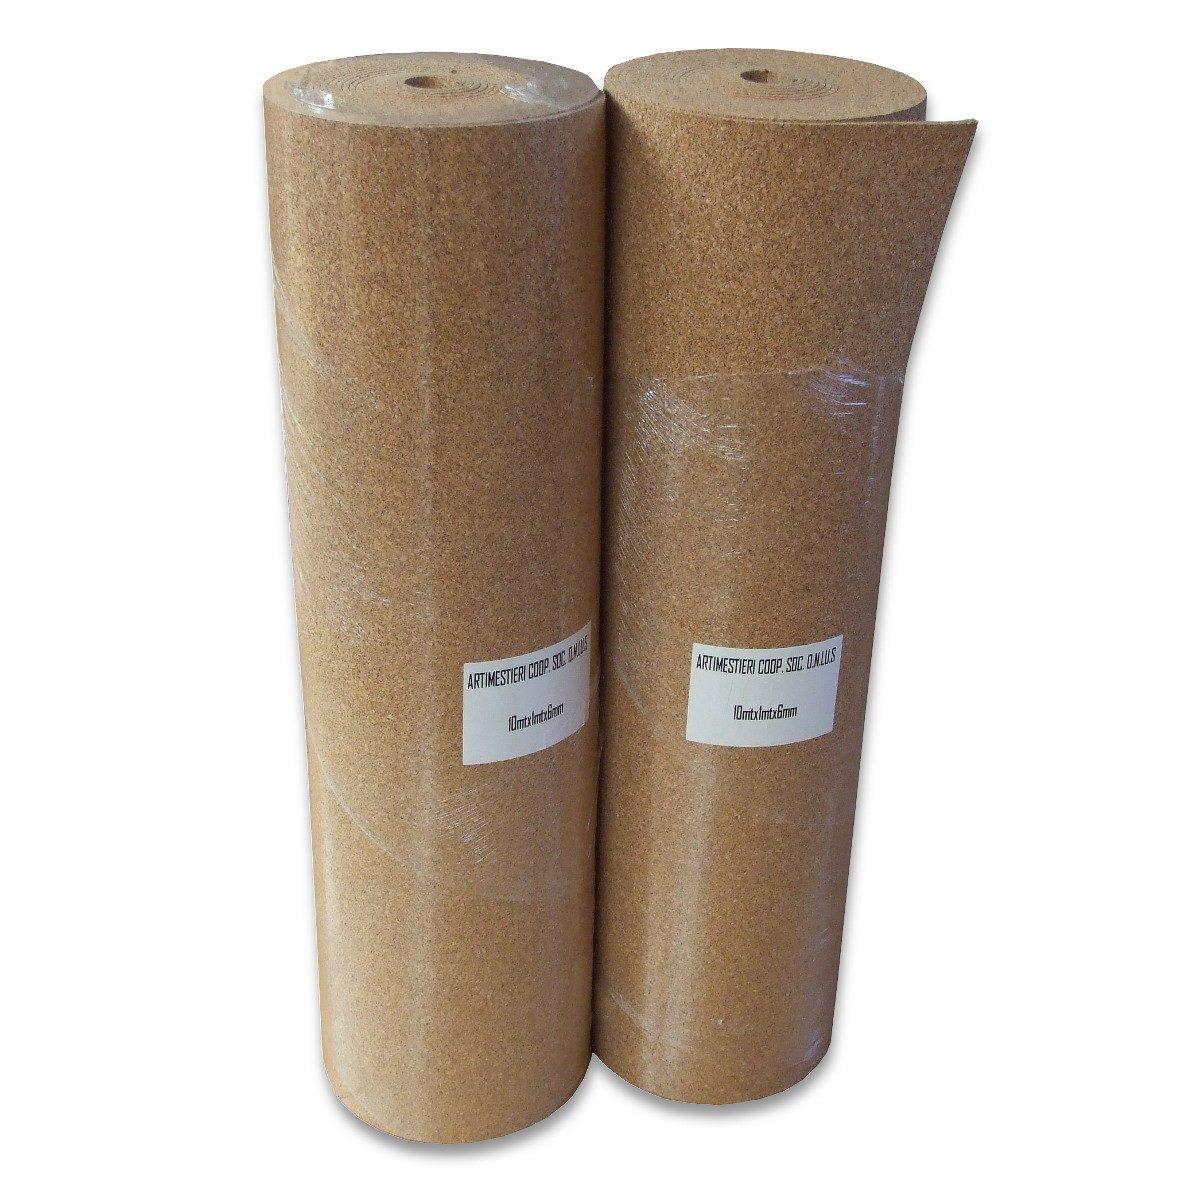 PANELES DE CORCHO SUPER COMPRIMIDO - ESPESOR 3-6-10mm - 10 mm - conf.165mq: Amazon.es: Bricolaje y herramientas